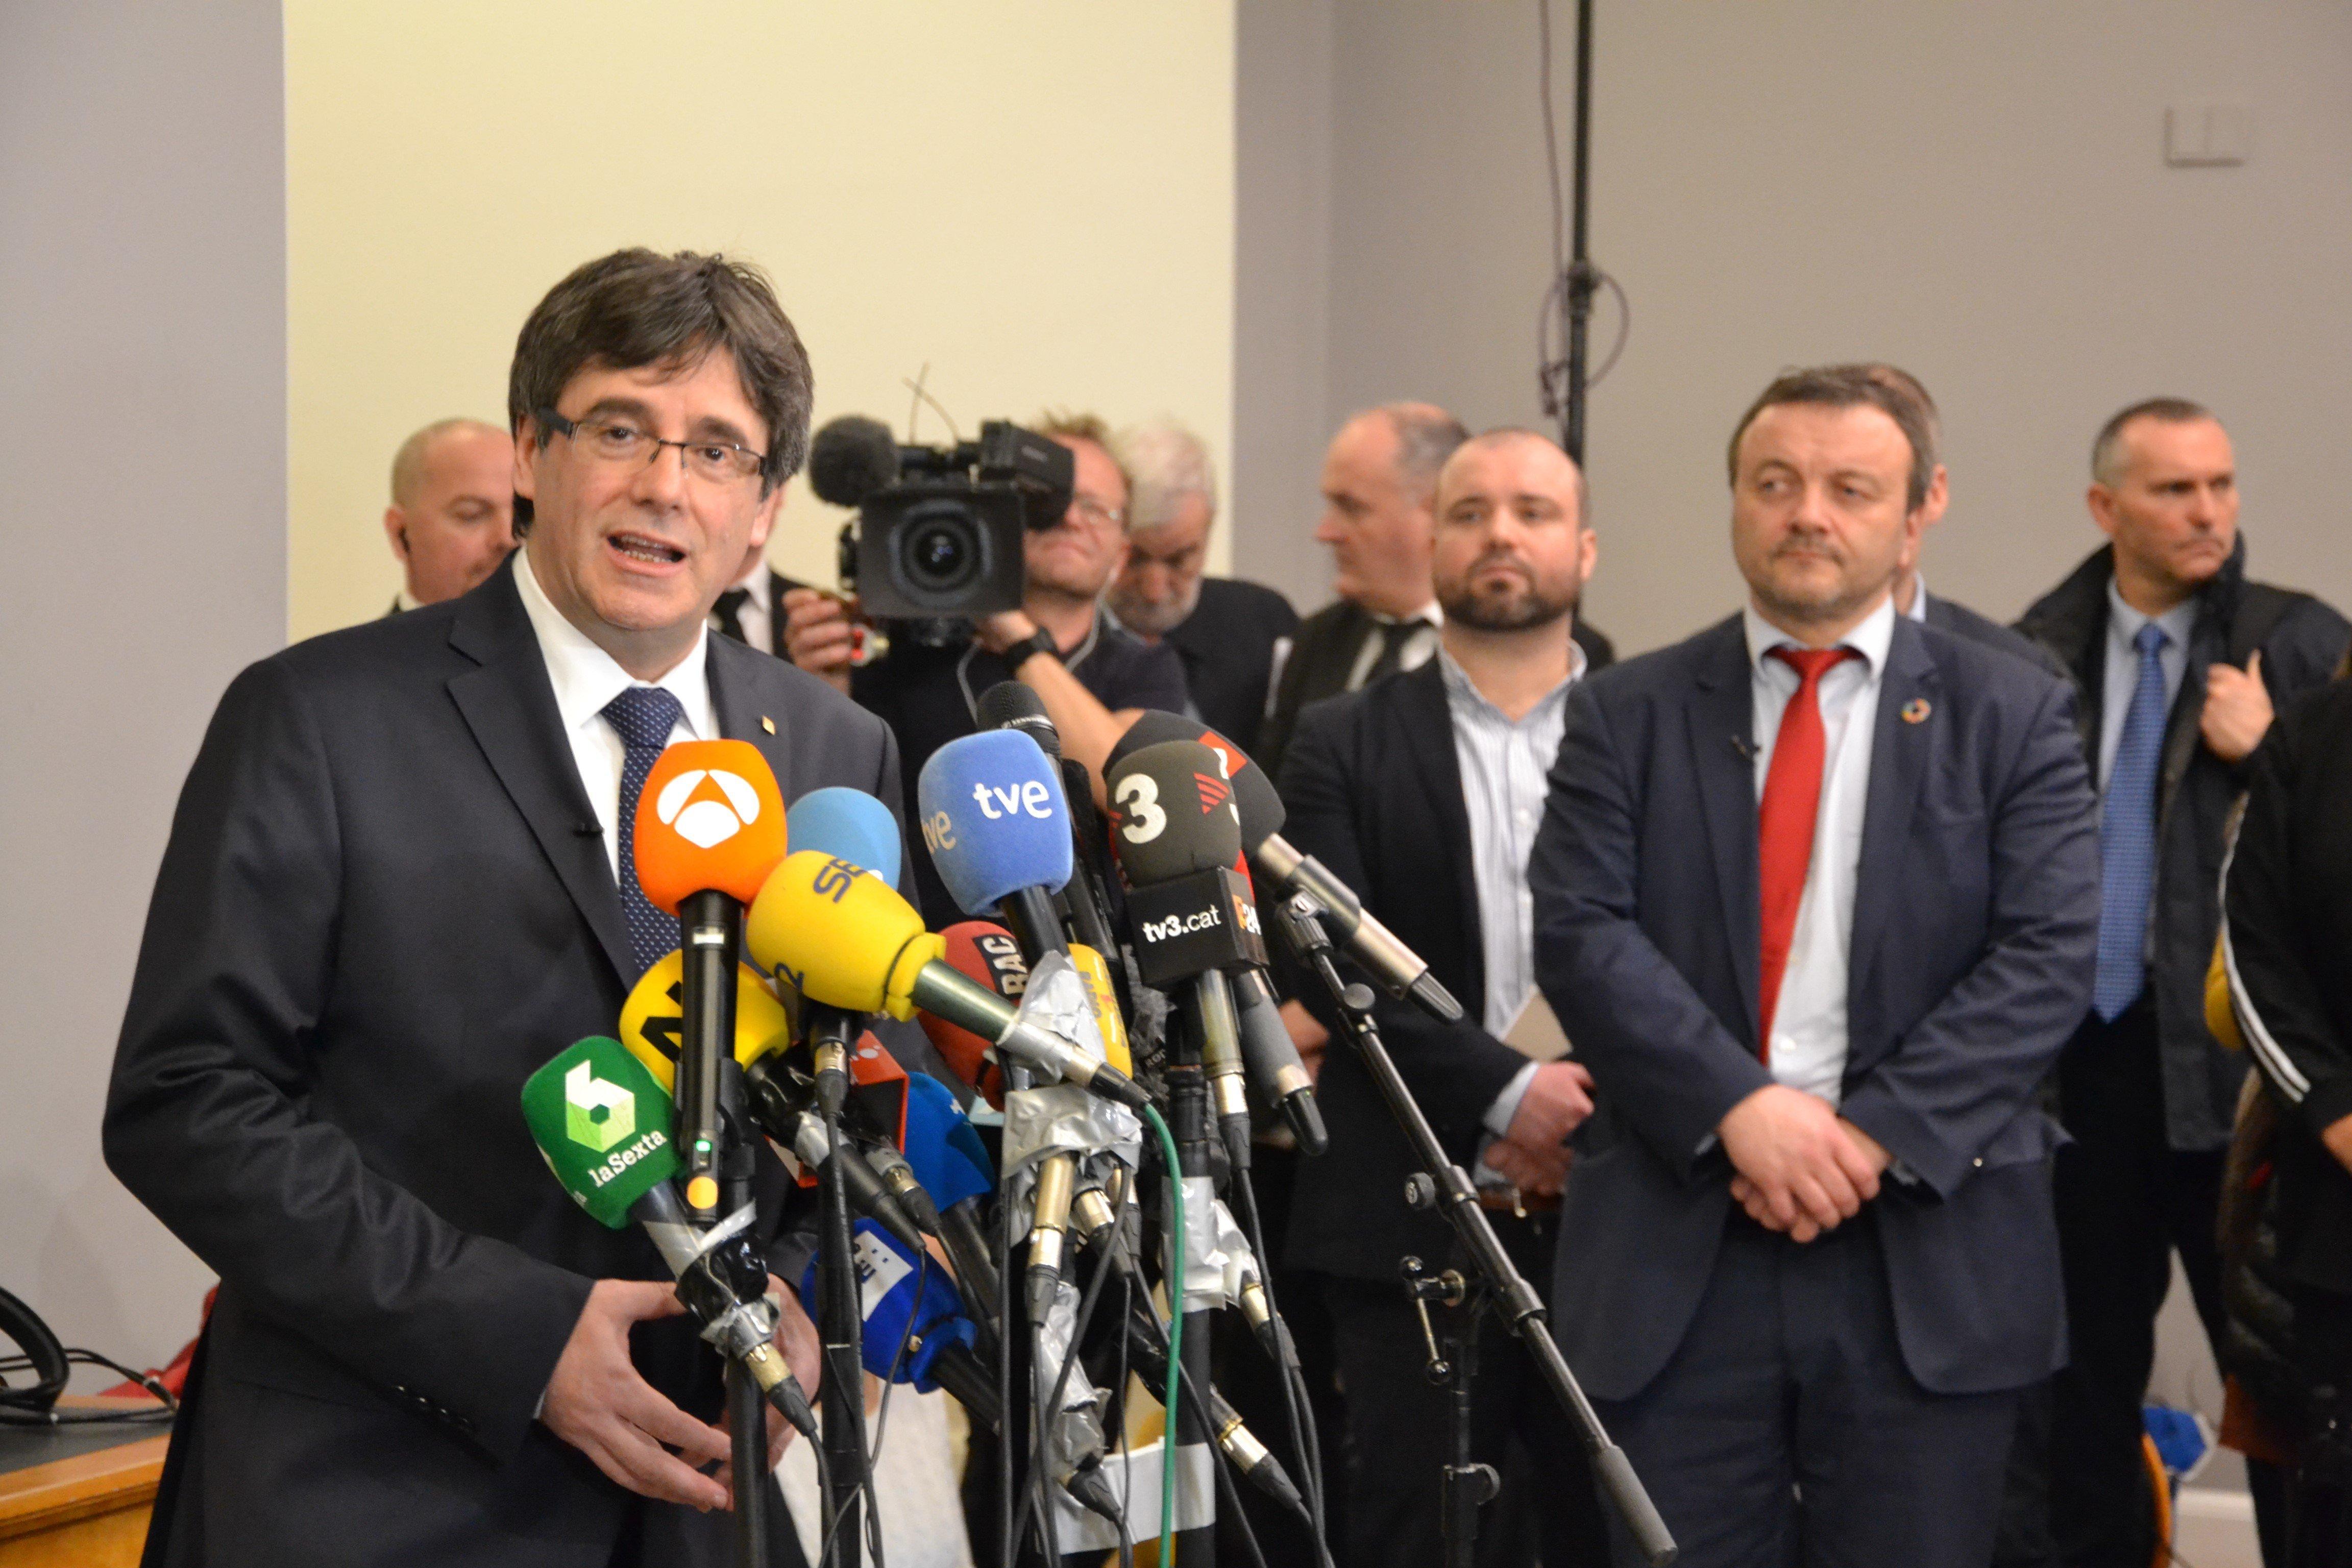 Ο Πουτζντεμόν πρέπει να επιστρέψει στην Ισπανία αν θέλει να επανεκλεγεί πρόεδρος της